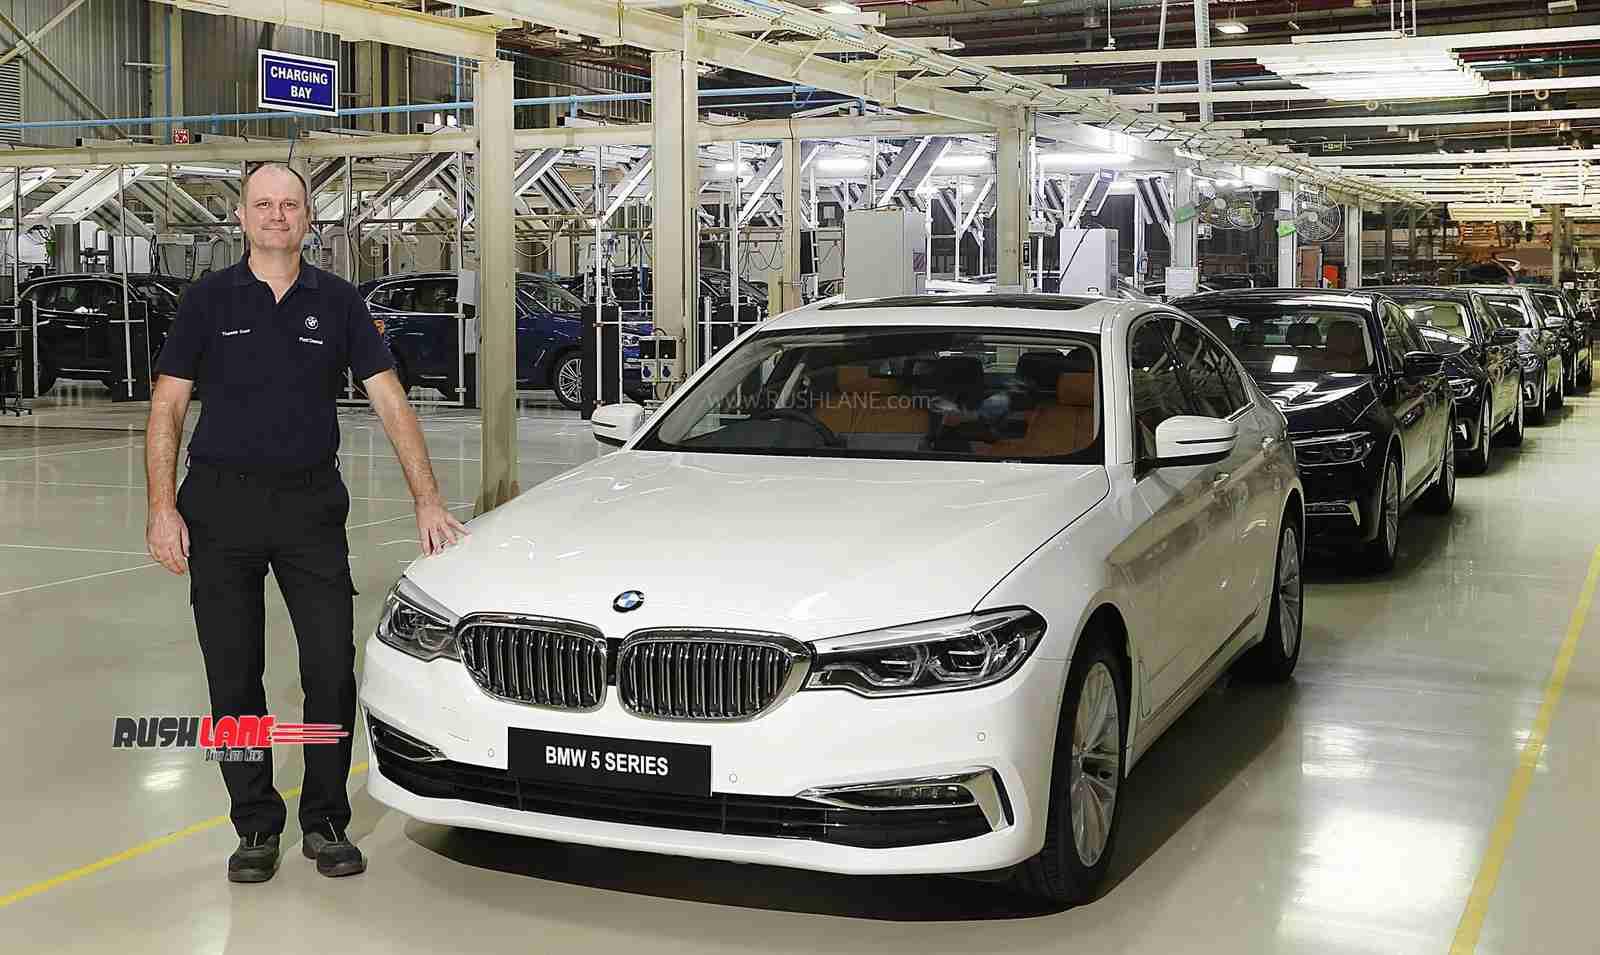 BMW 5 Series BS6 petrol